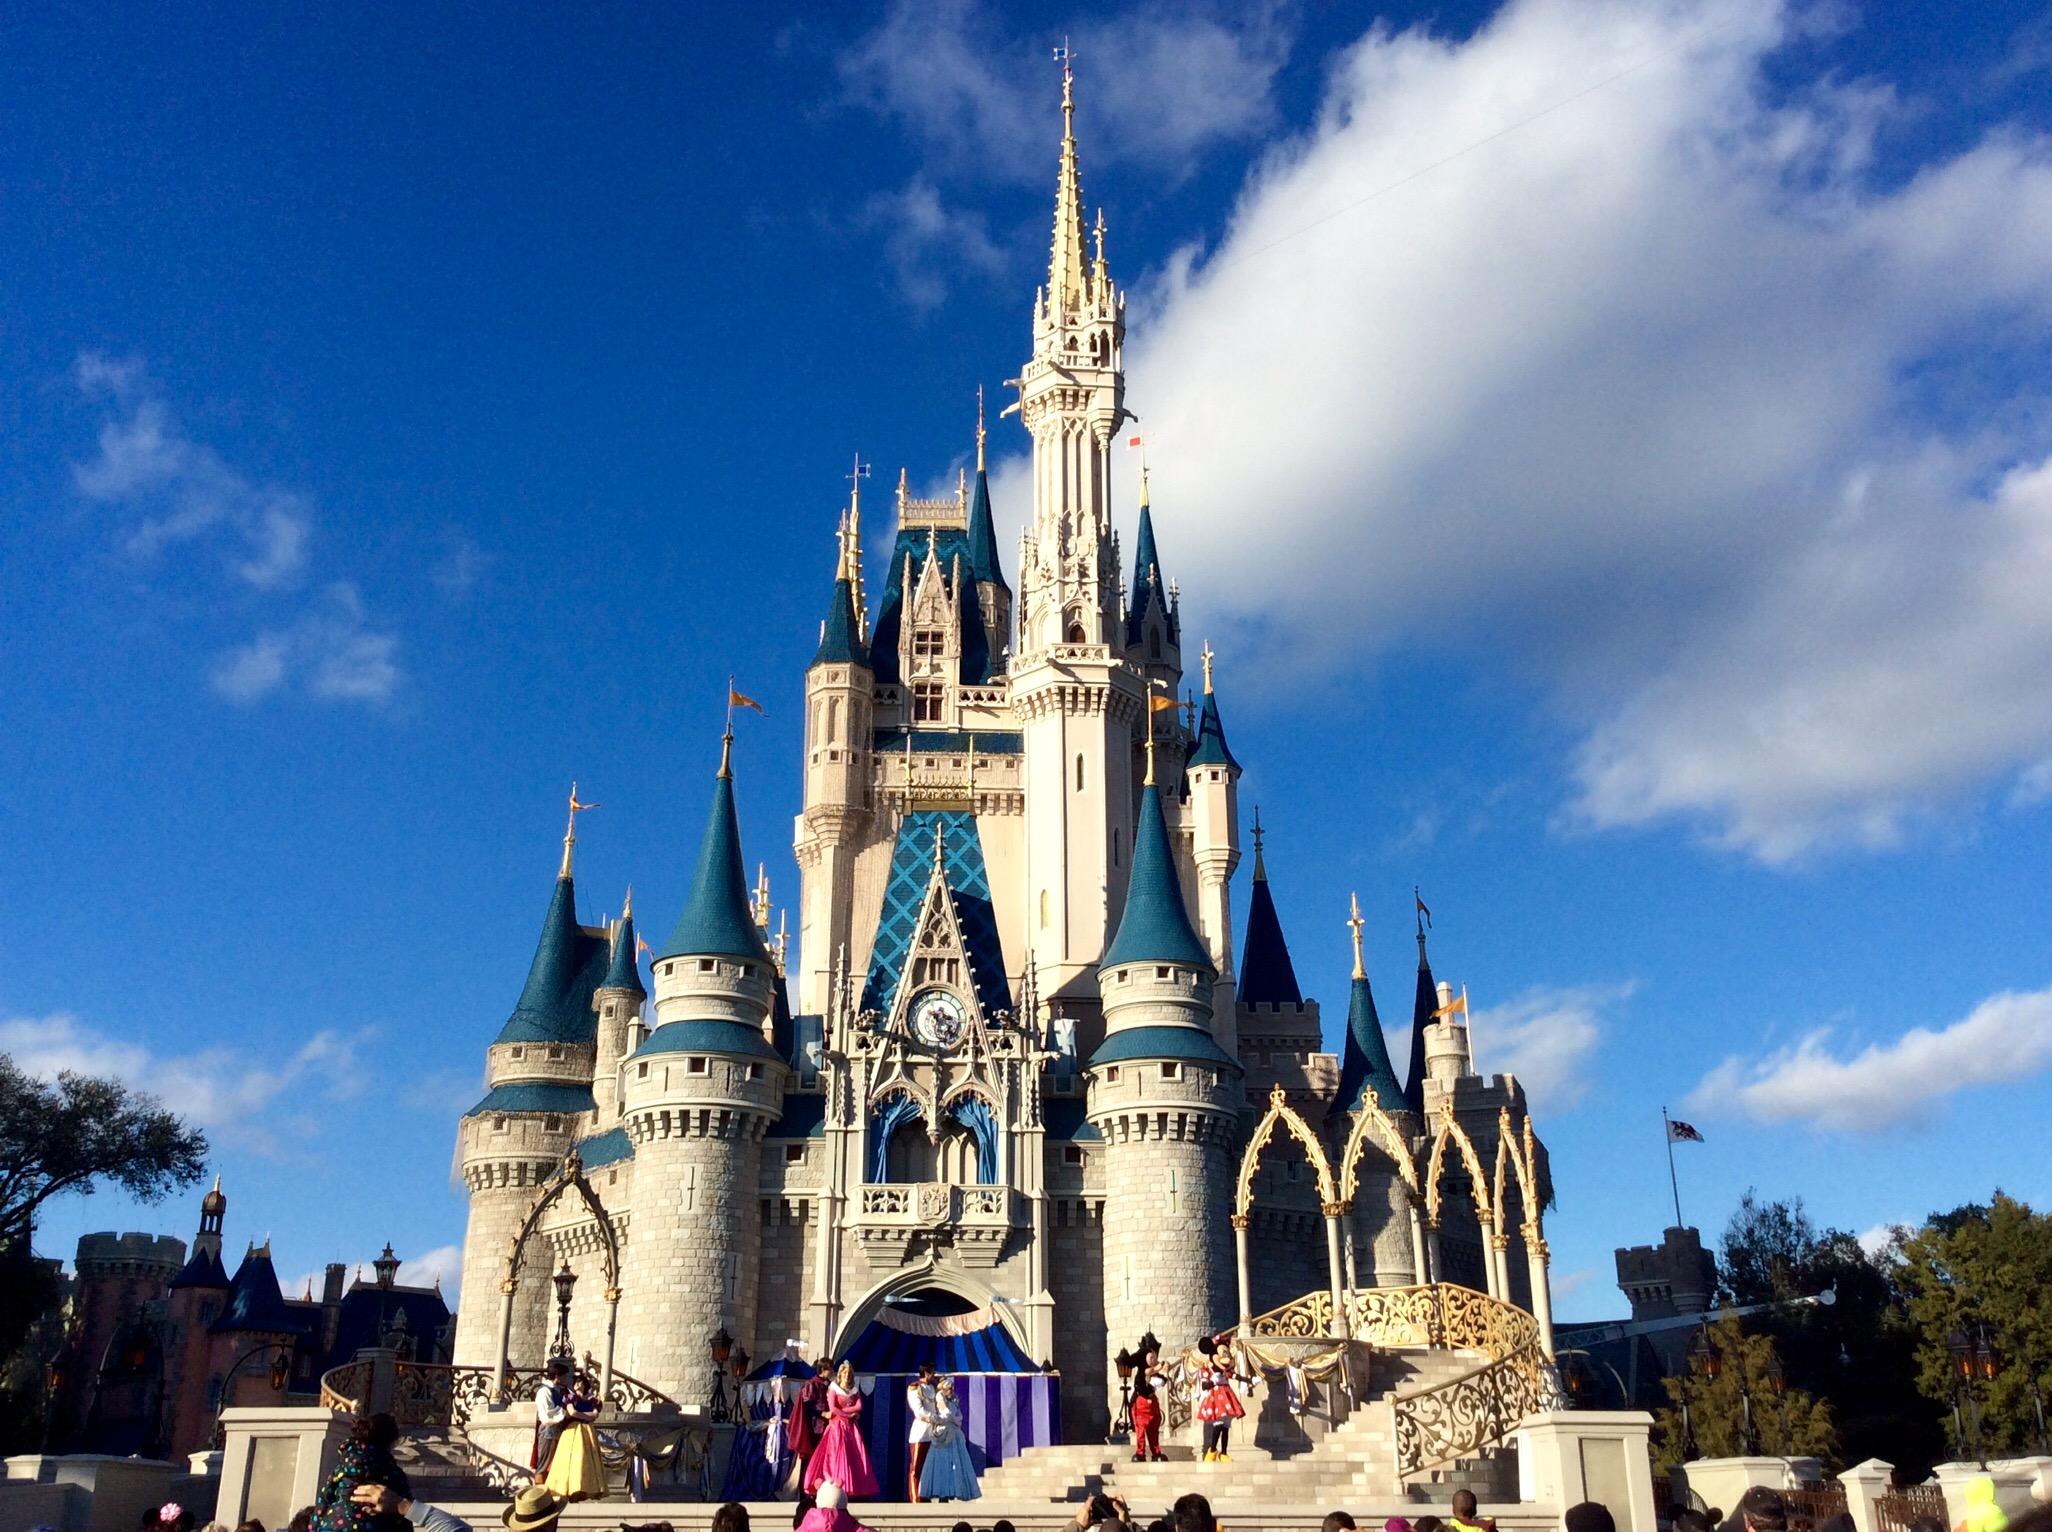 Disney World i Florida er en af USA's største turistattraktioner. Foto via Wikipedia: Jedi 94.